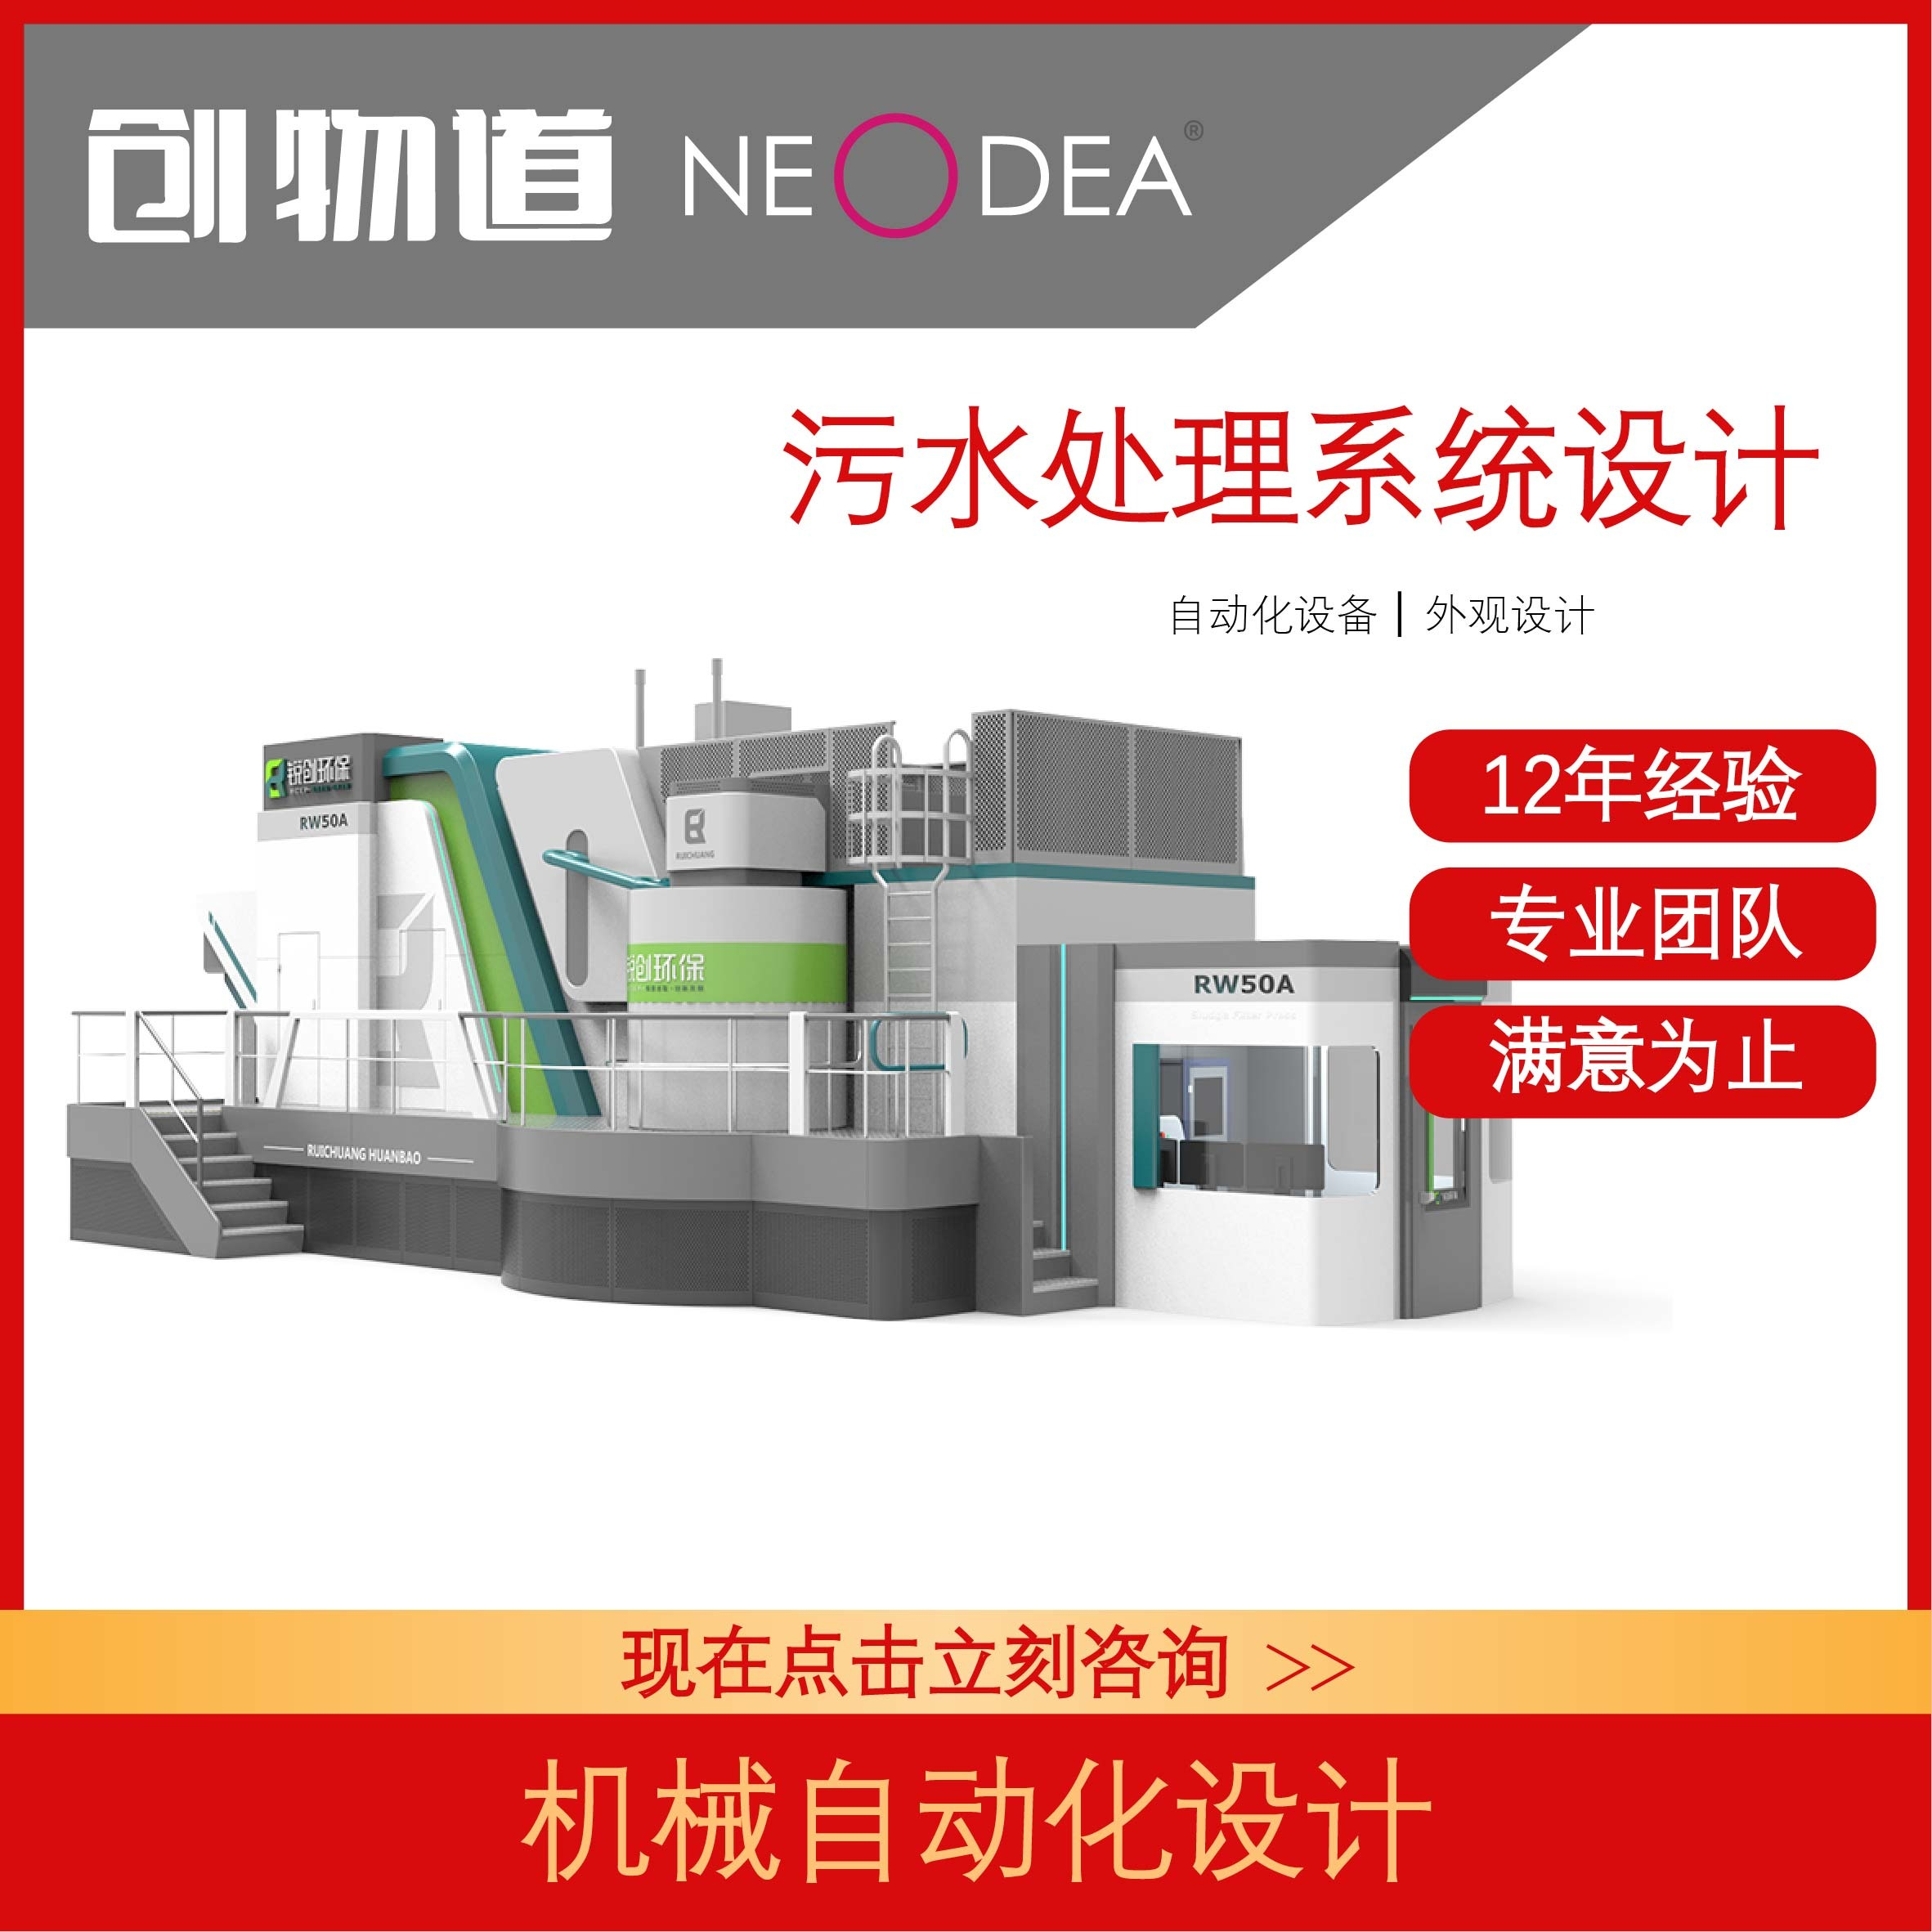 自动售卖机售货机垃圾处理非标自动化传动新零售物联网 机械设计